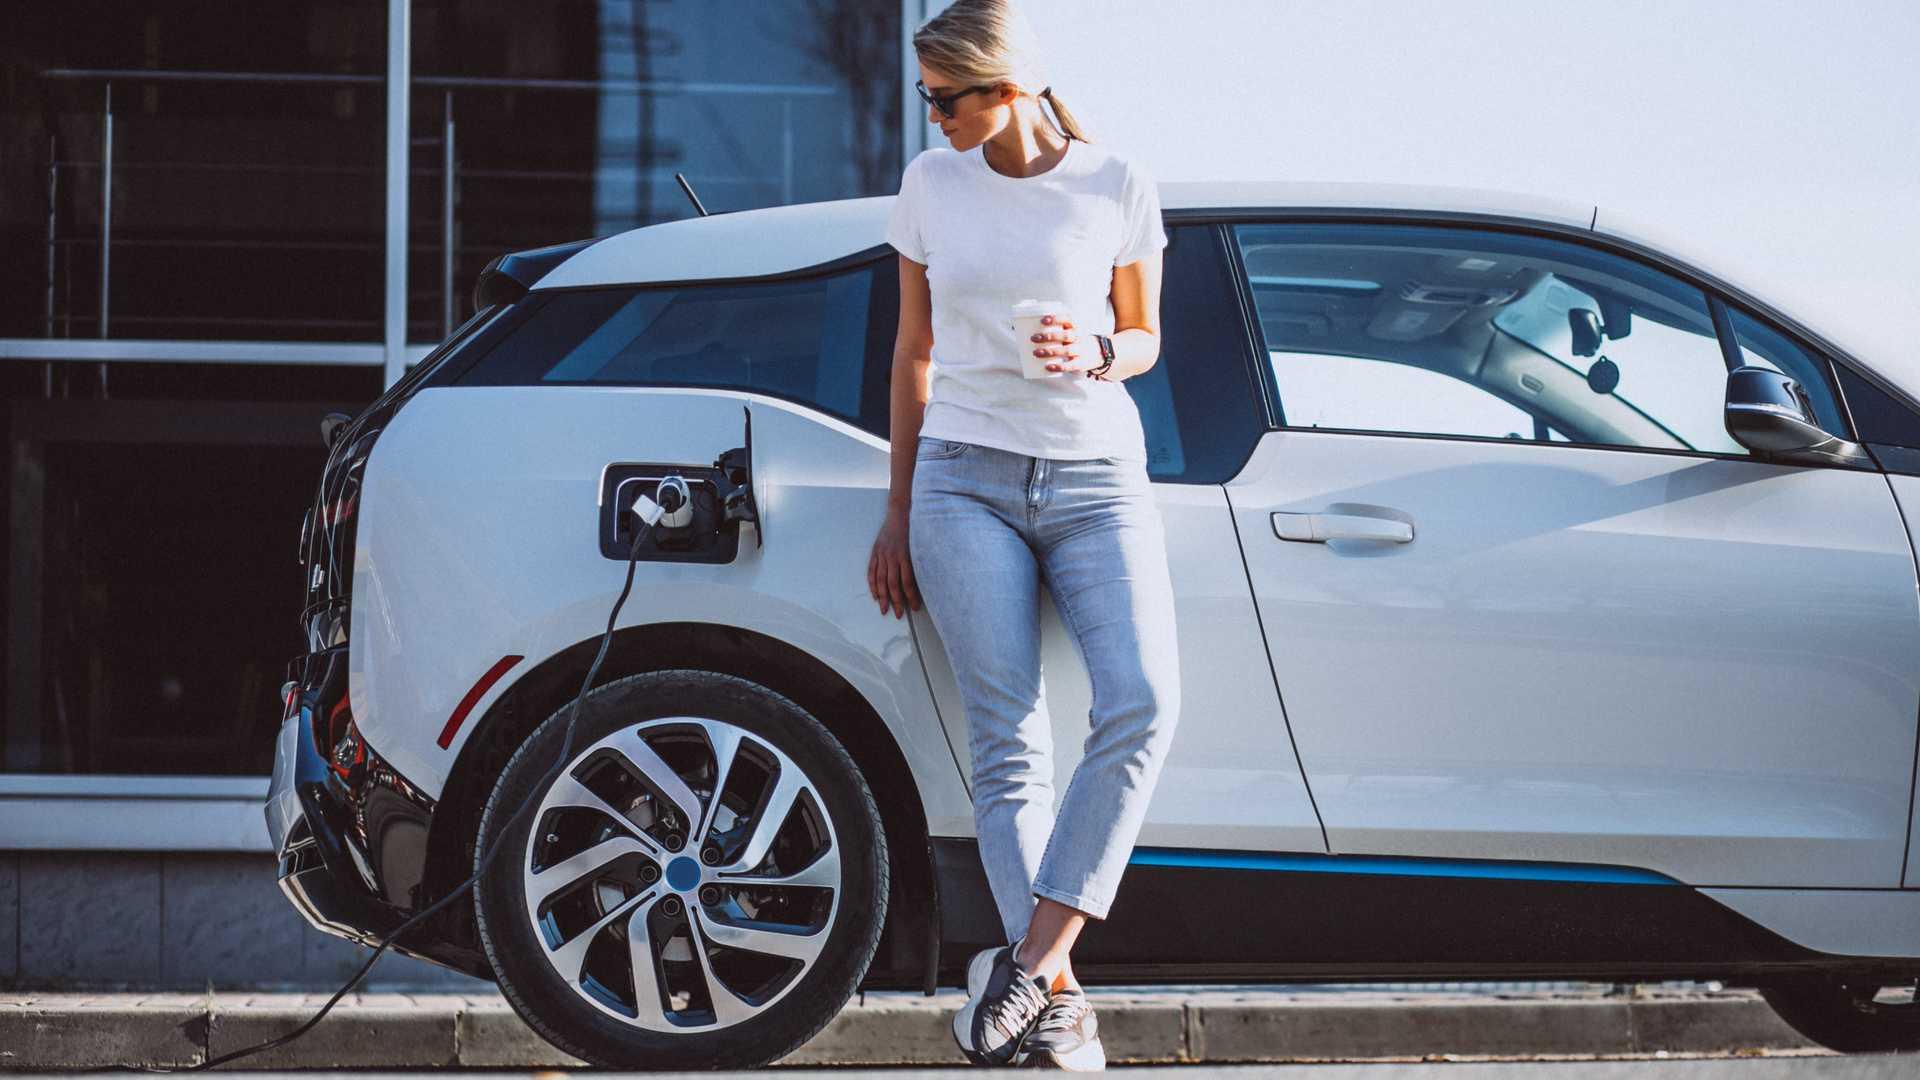 Количество точек зарядки электромобилей превышает количество АЗС в Великобритании по соотношению более 2 к 1